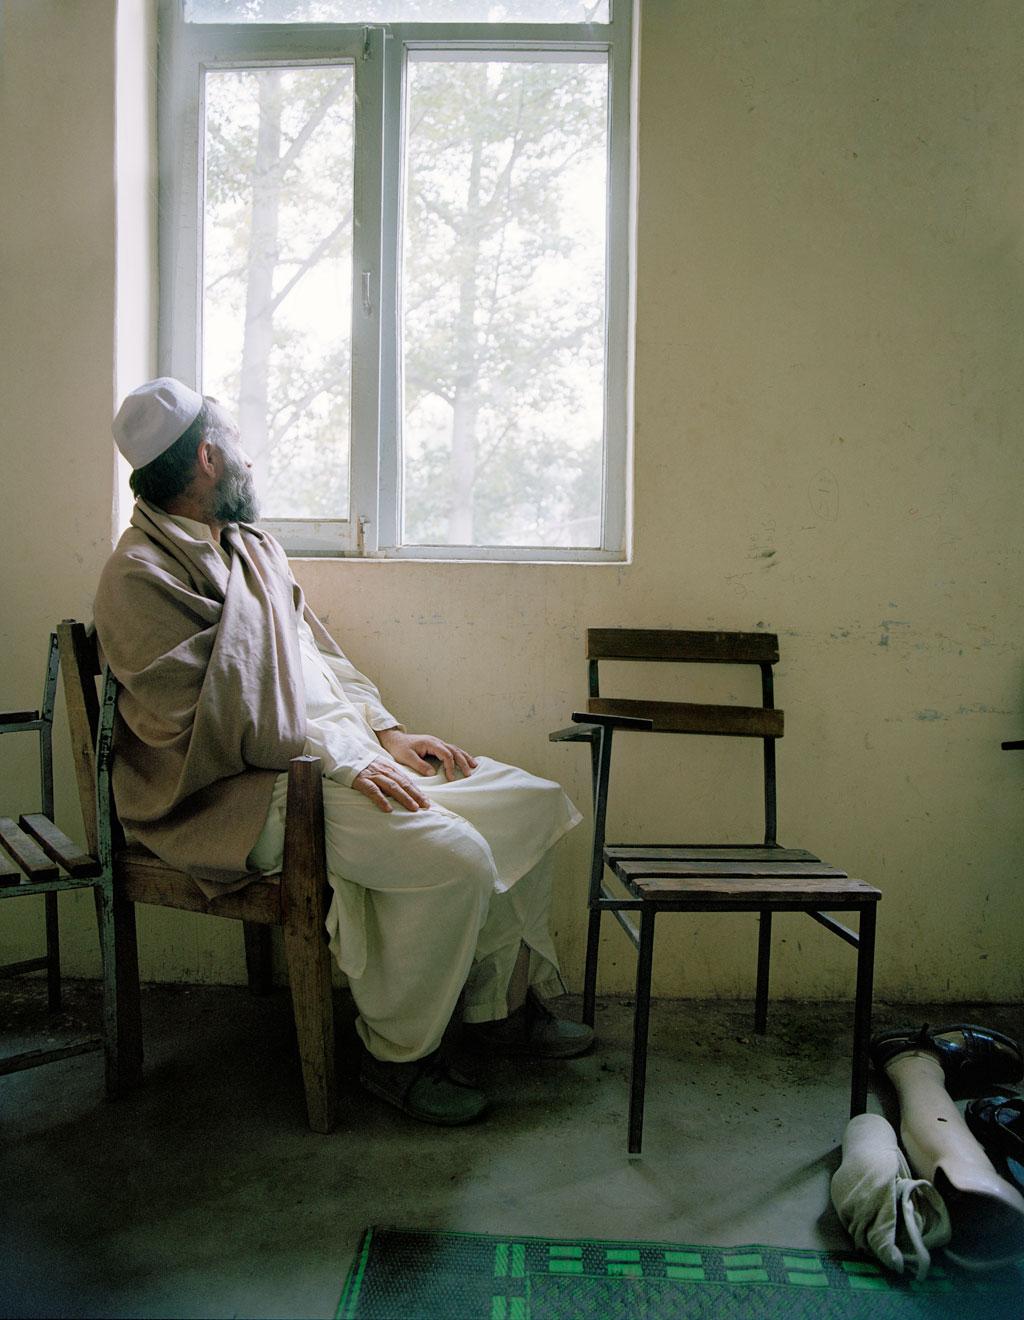 Andreas Zierhut - Afghanistan - Leben mit Minen - Felix Schoeller Photoaward